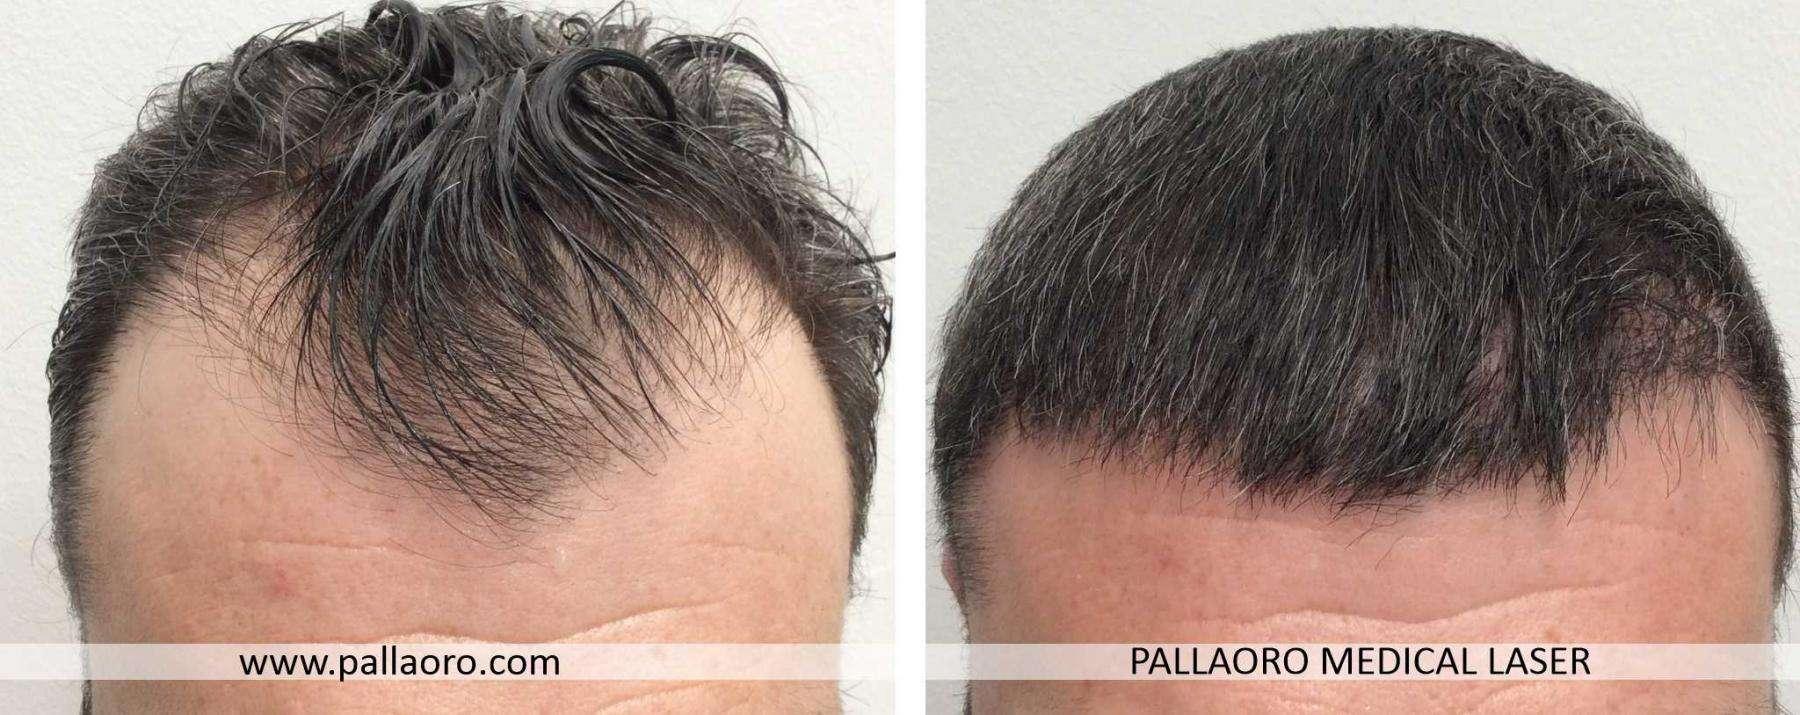 trapianto capelli 2021 04 a